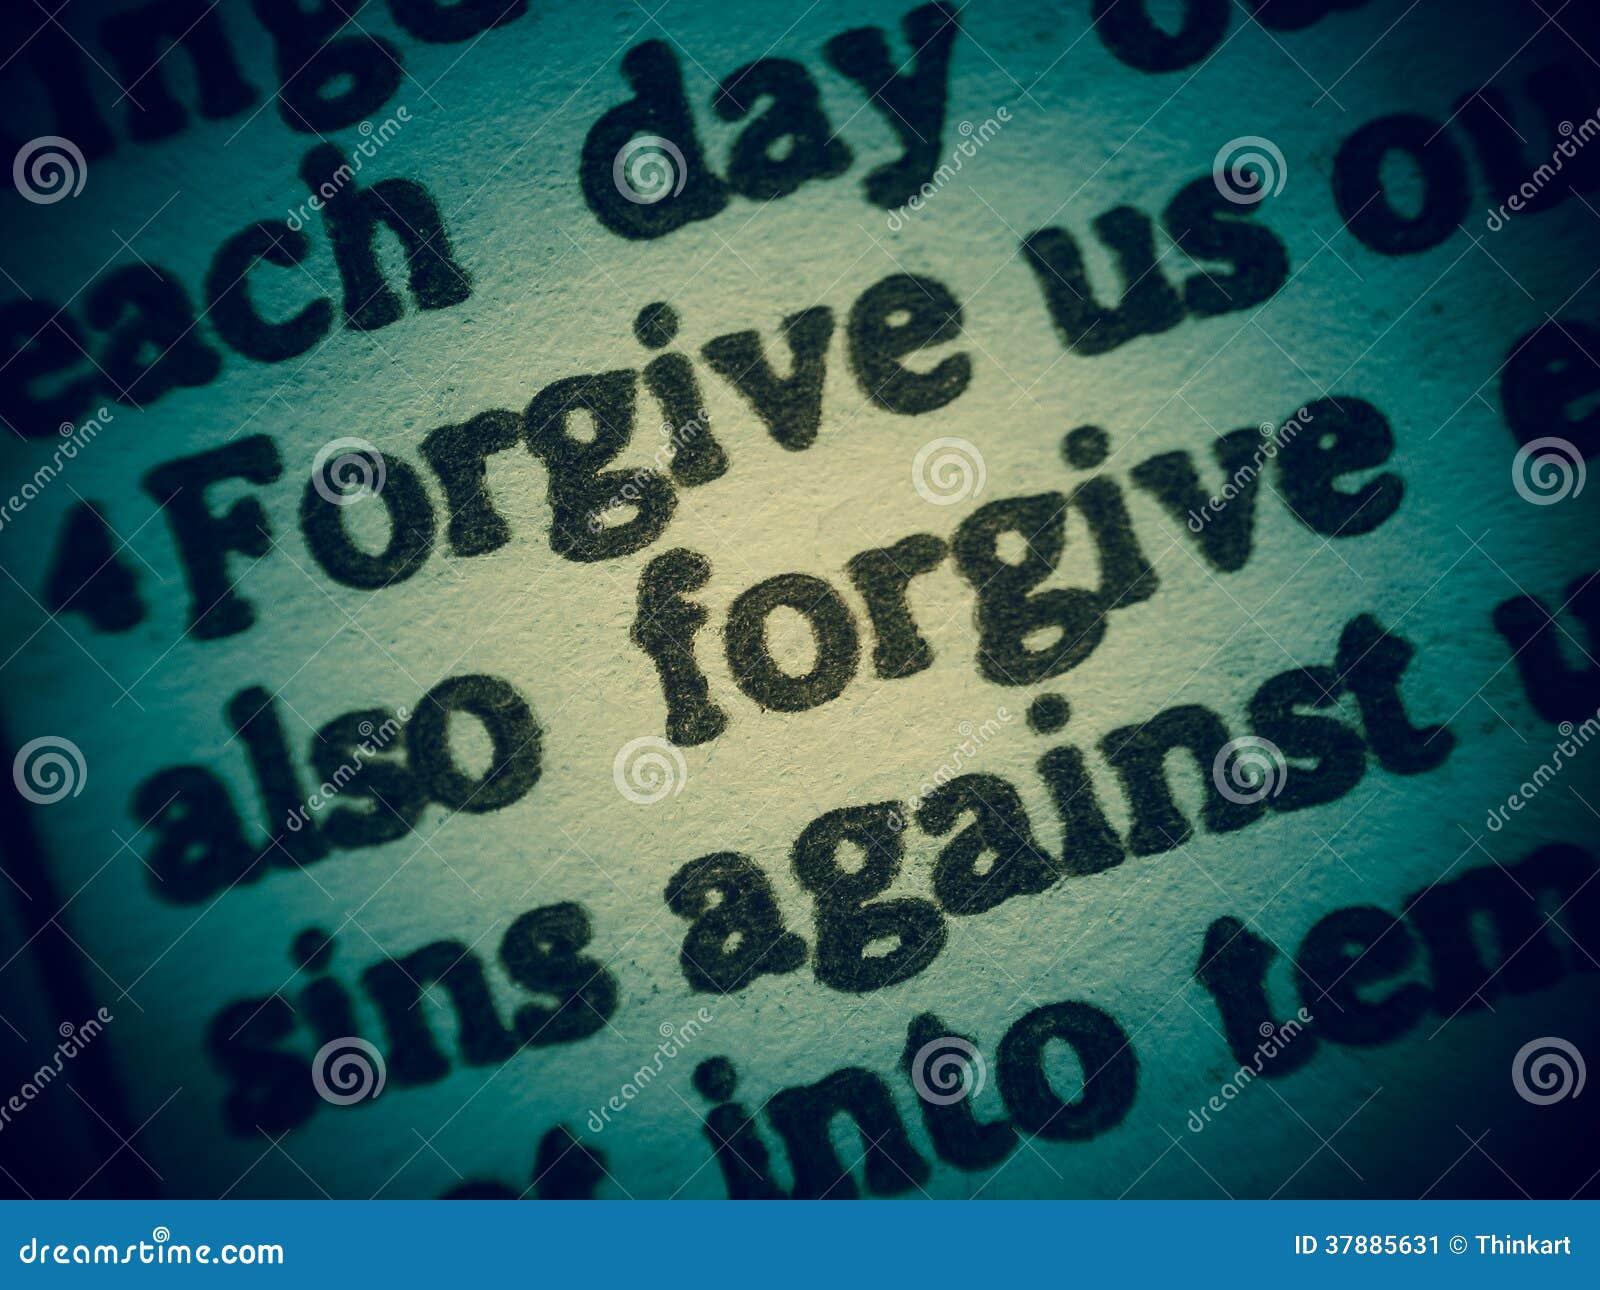 Vergeef ons onze zonden (Onze Vader)